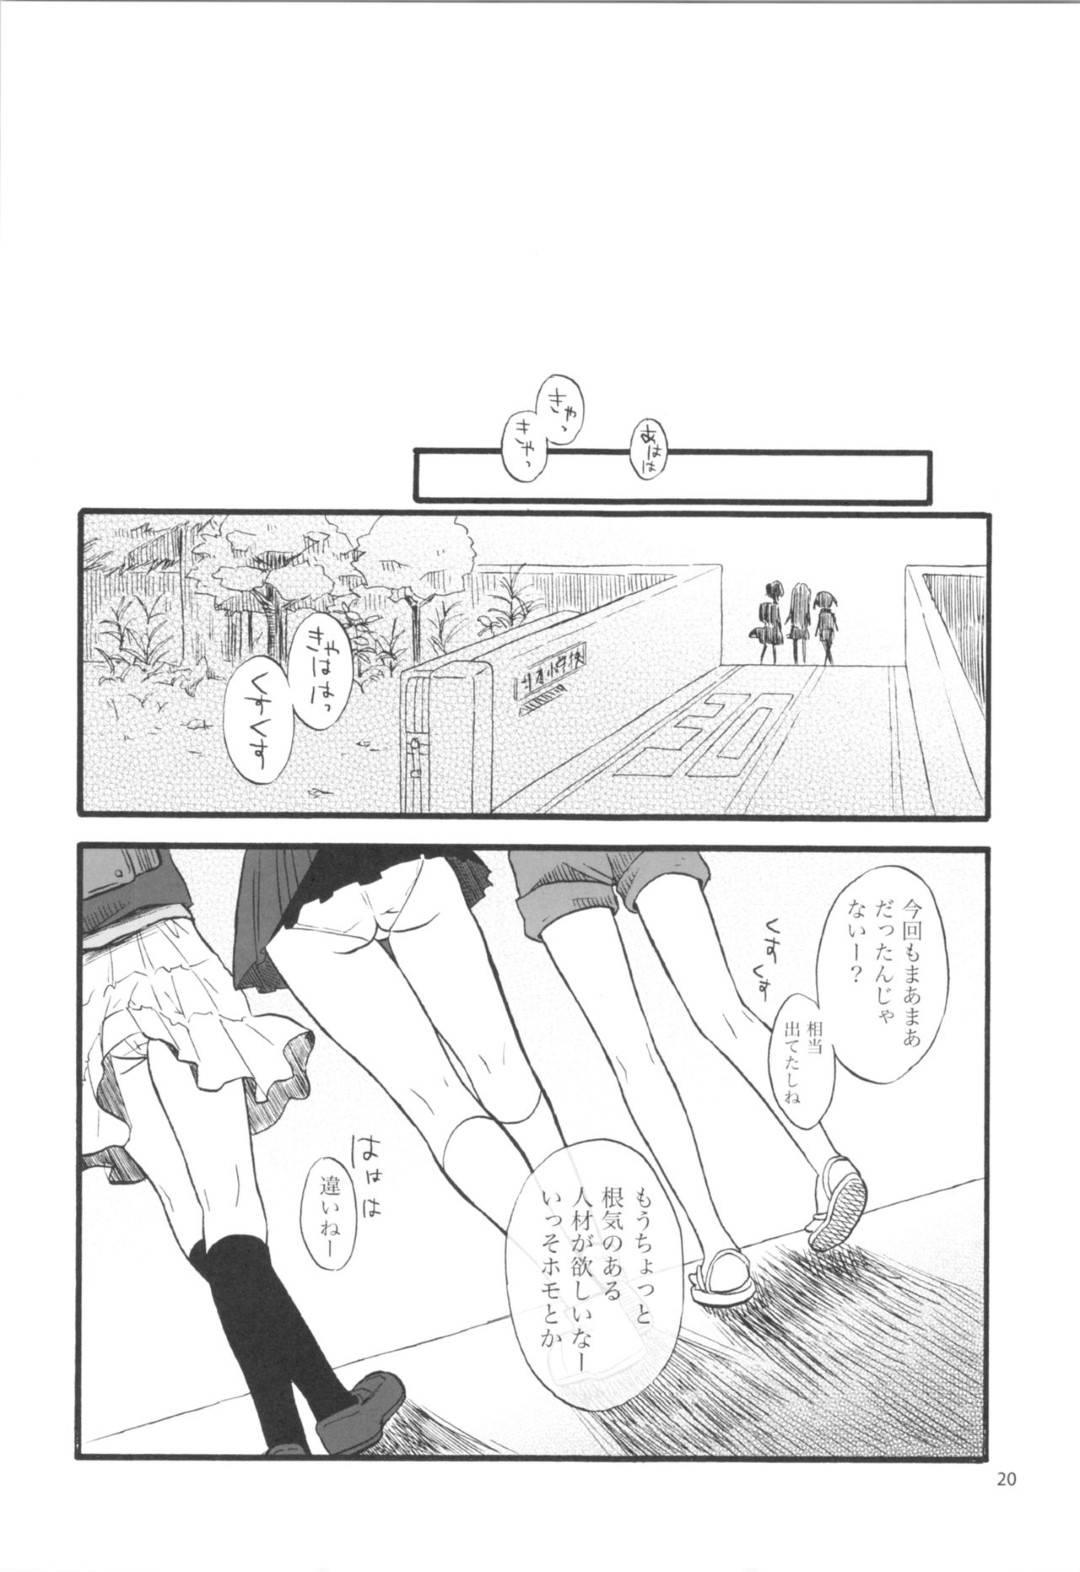 【エロ同人誌】大好きな先生に愛情表現できずに意地悪する小学生女子…おちんちんをイジメて弄んでいると、マンコがグチョグチョとムラムラしてきたので騎乗位挿入してみる!【ドバト:少女のエナメル】